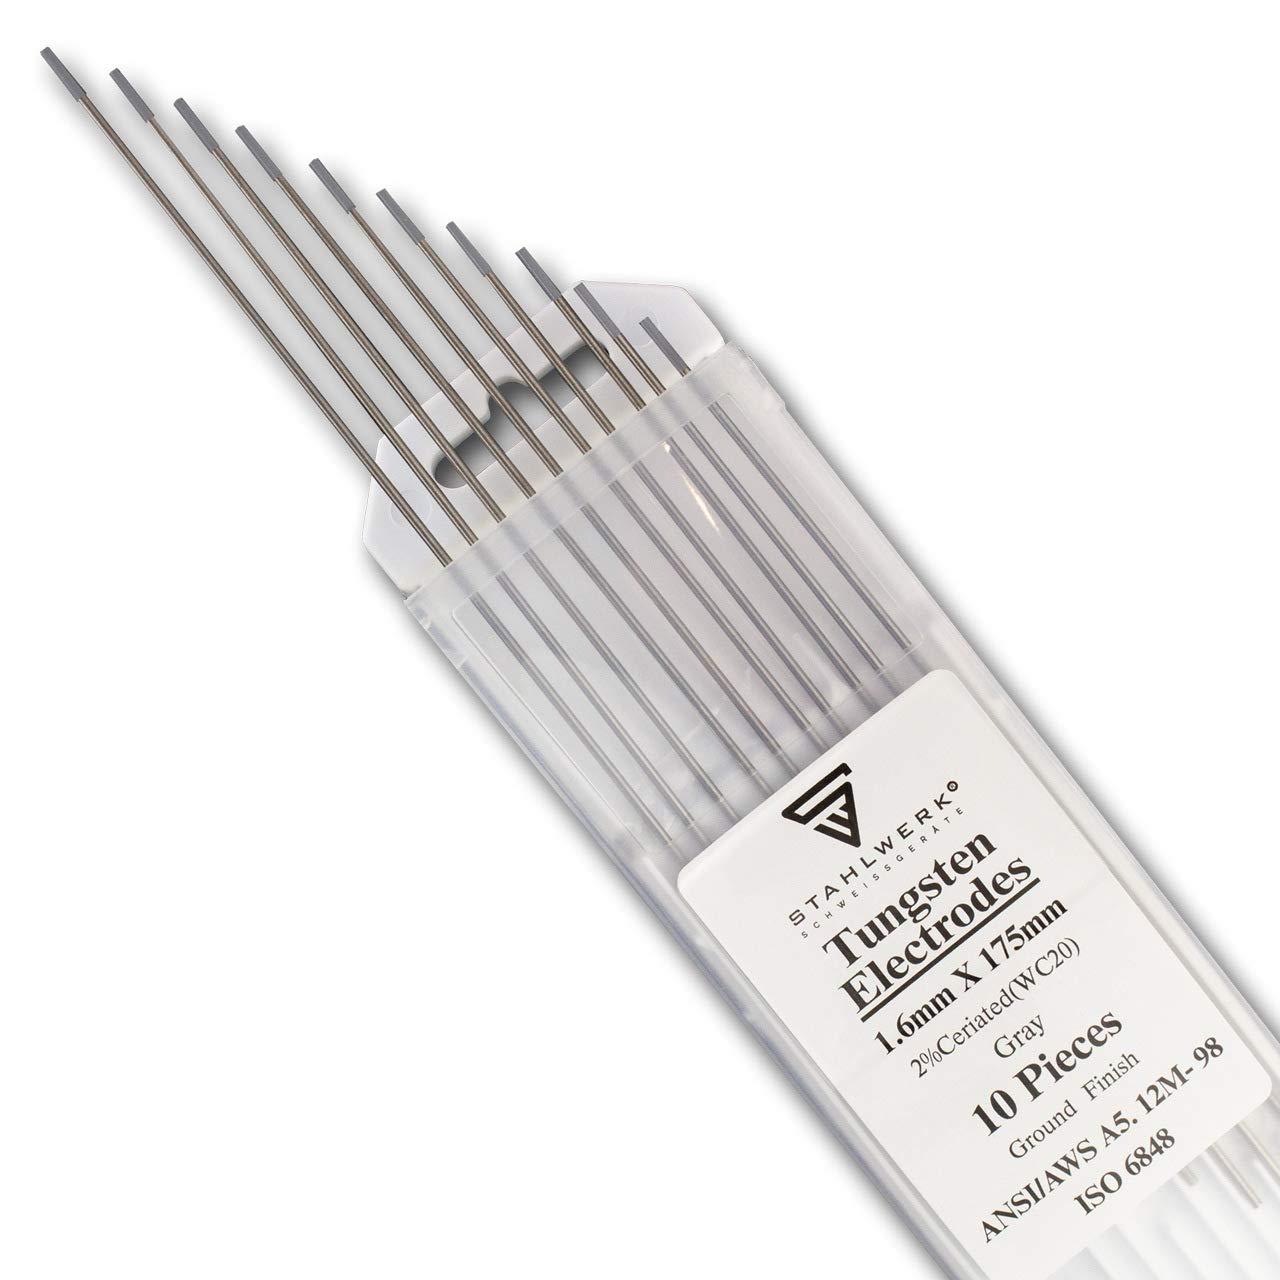 cuivre aluminium Lot de 10 /électrodes de soudage en tungst/ène sans tungst/ène 1,6 x 175 mm WC20 sans Thorium gris Aiguilles universelles WIG pour acier inoxydable 10 pi/èces